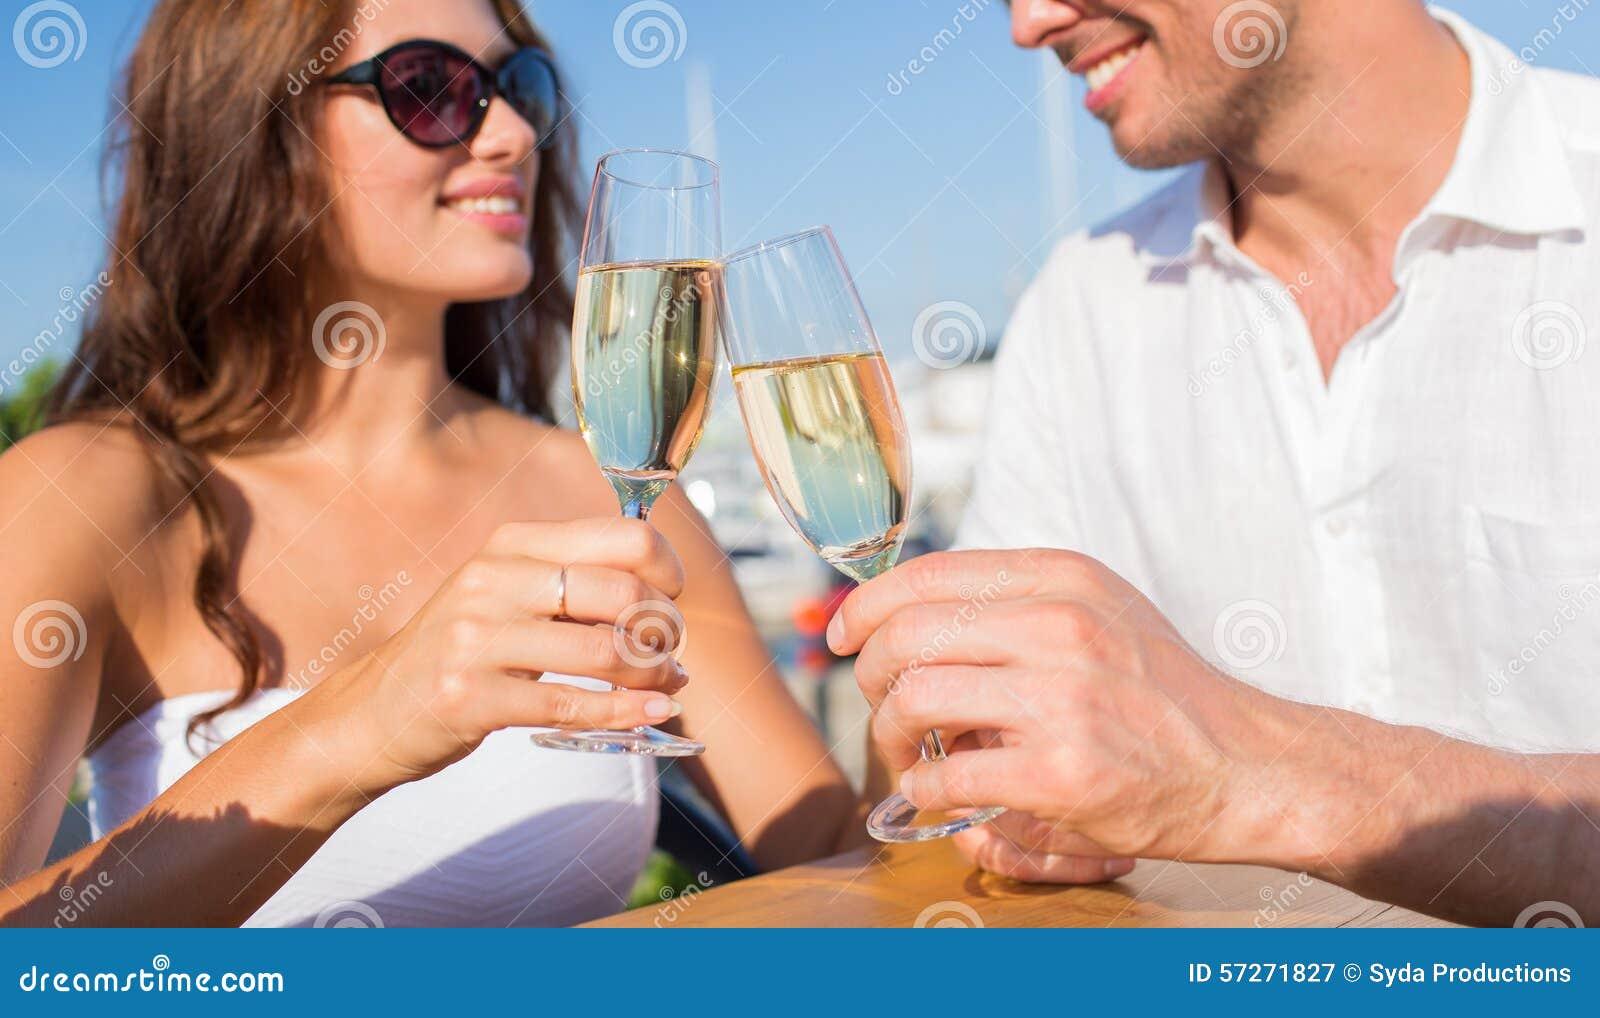 Single Dating und Blind Date - Spannende Formen des Kennenlernens ...